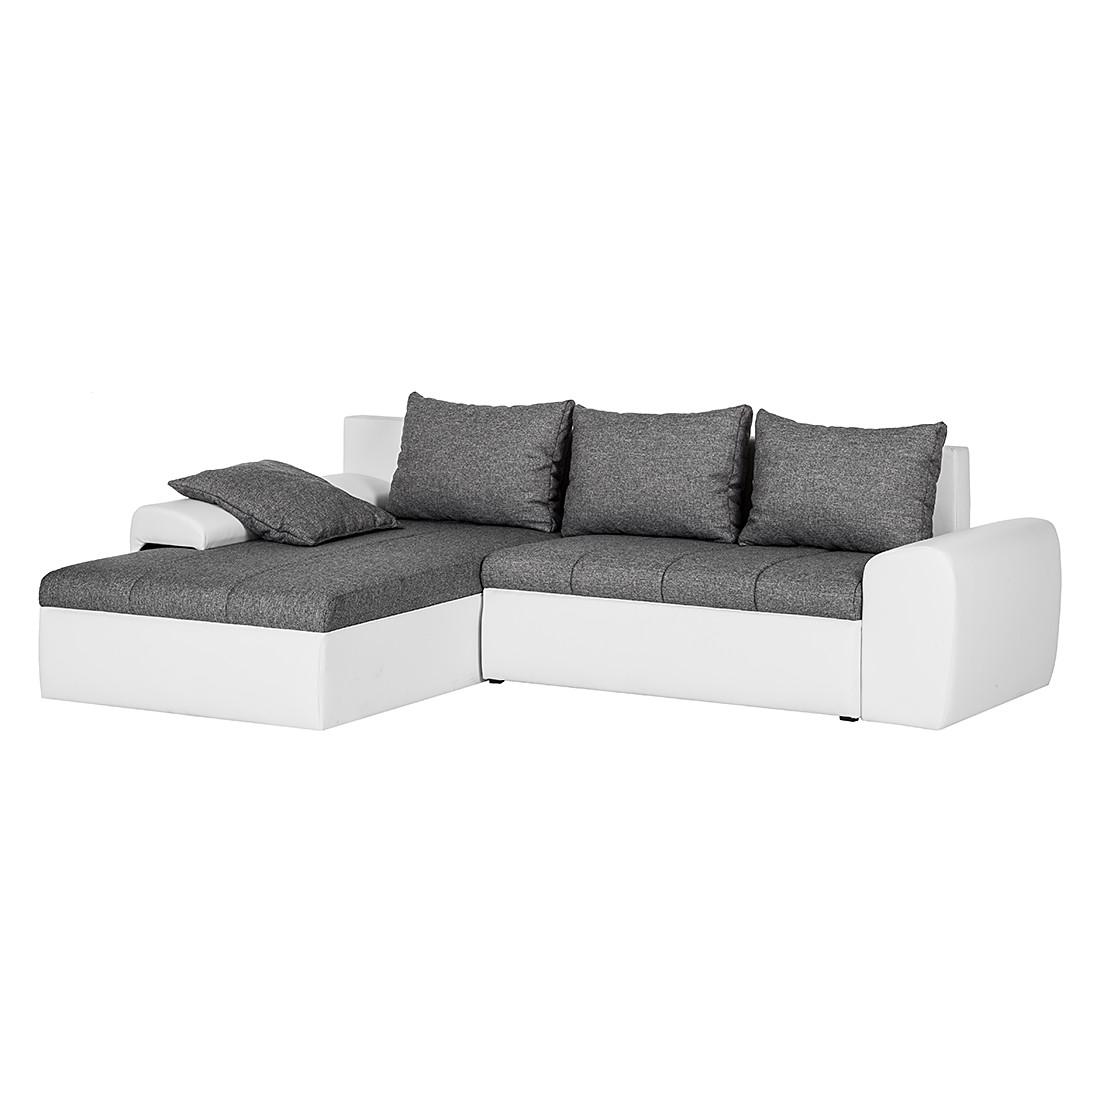 ecksofa kunstleder schwarz finest kunstleder ecksofa schwarz gunstig stoff in hannover buchholz. Black Bedroom Furniture Sets. Home Design Ideas